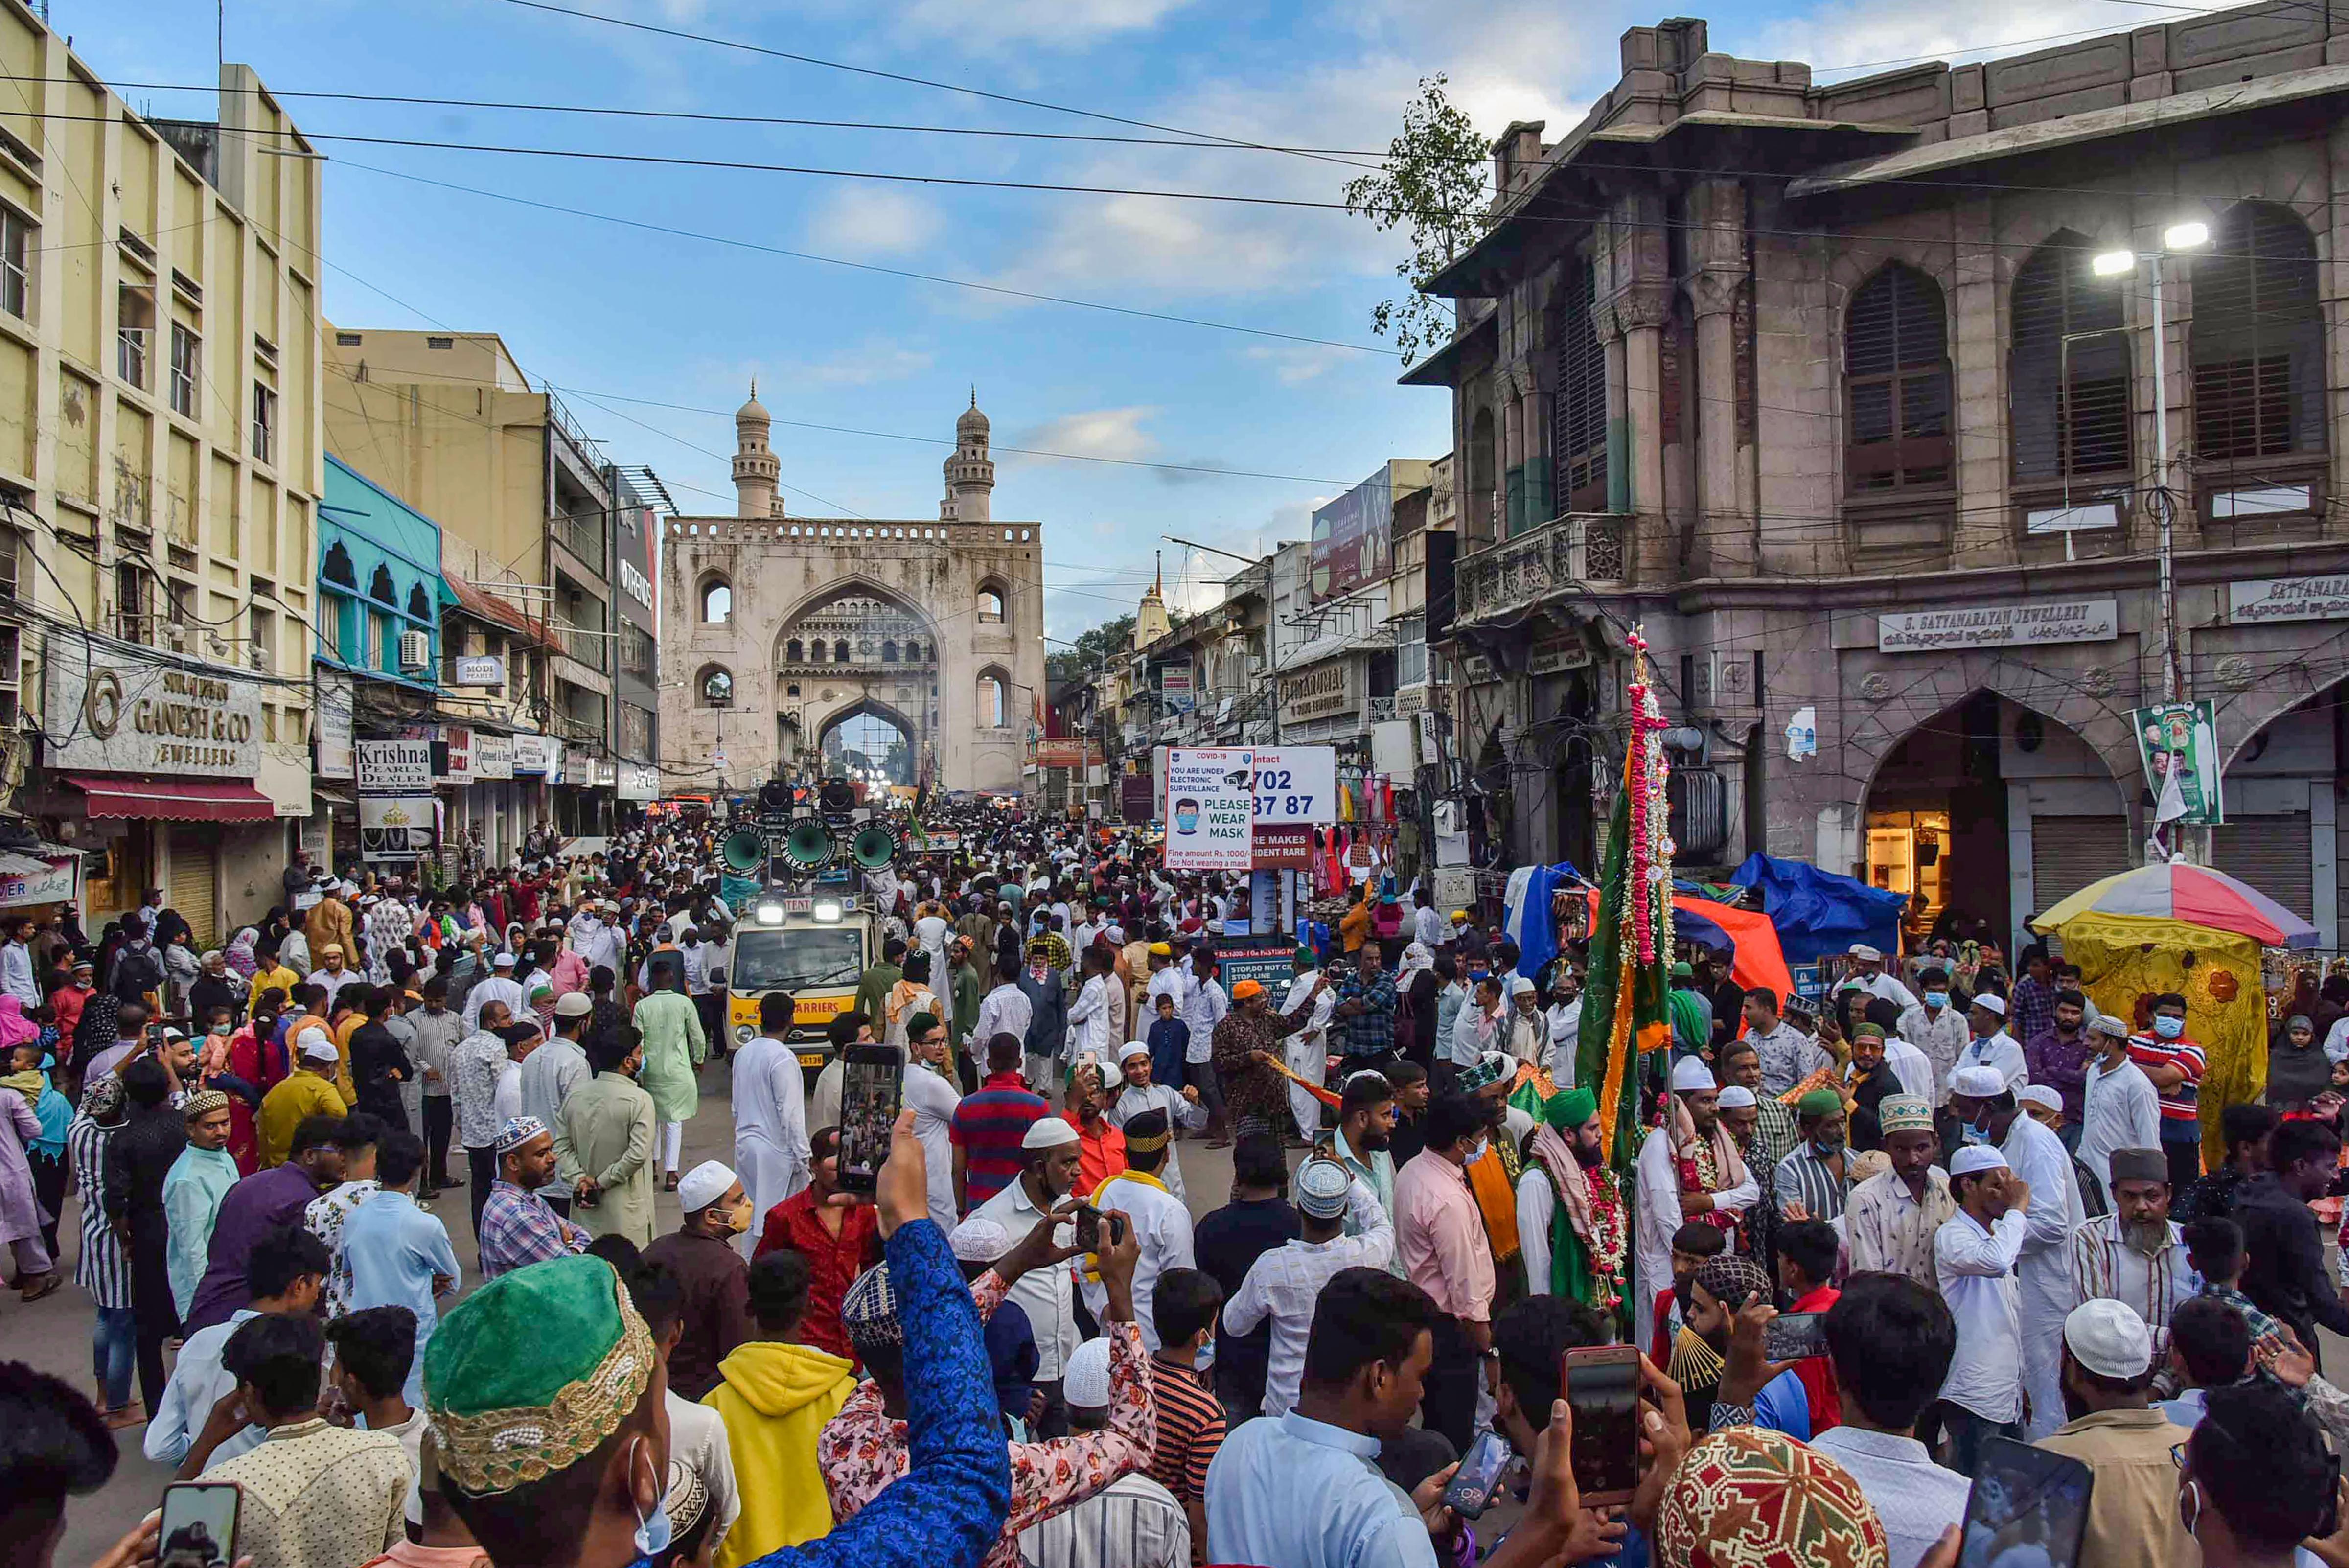 हैदराबाद में सैयद शाह यूसुफुद्दीन की दरगाह पर संदल उठने के कार्यक्रम के दौरान काफी भीड़ नजर आई।